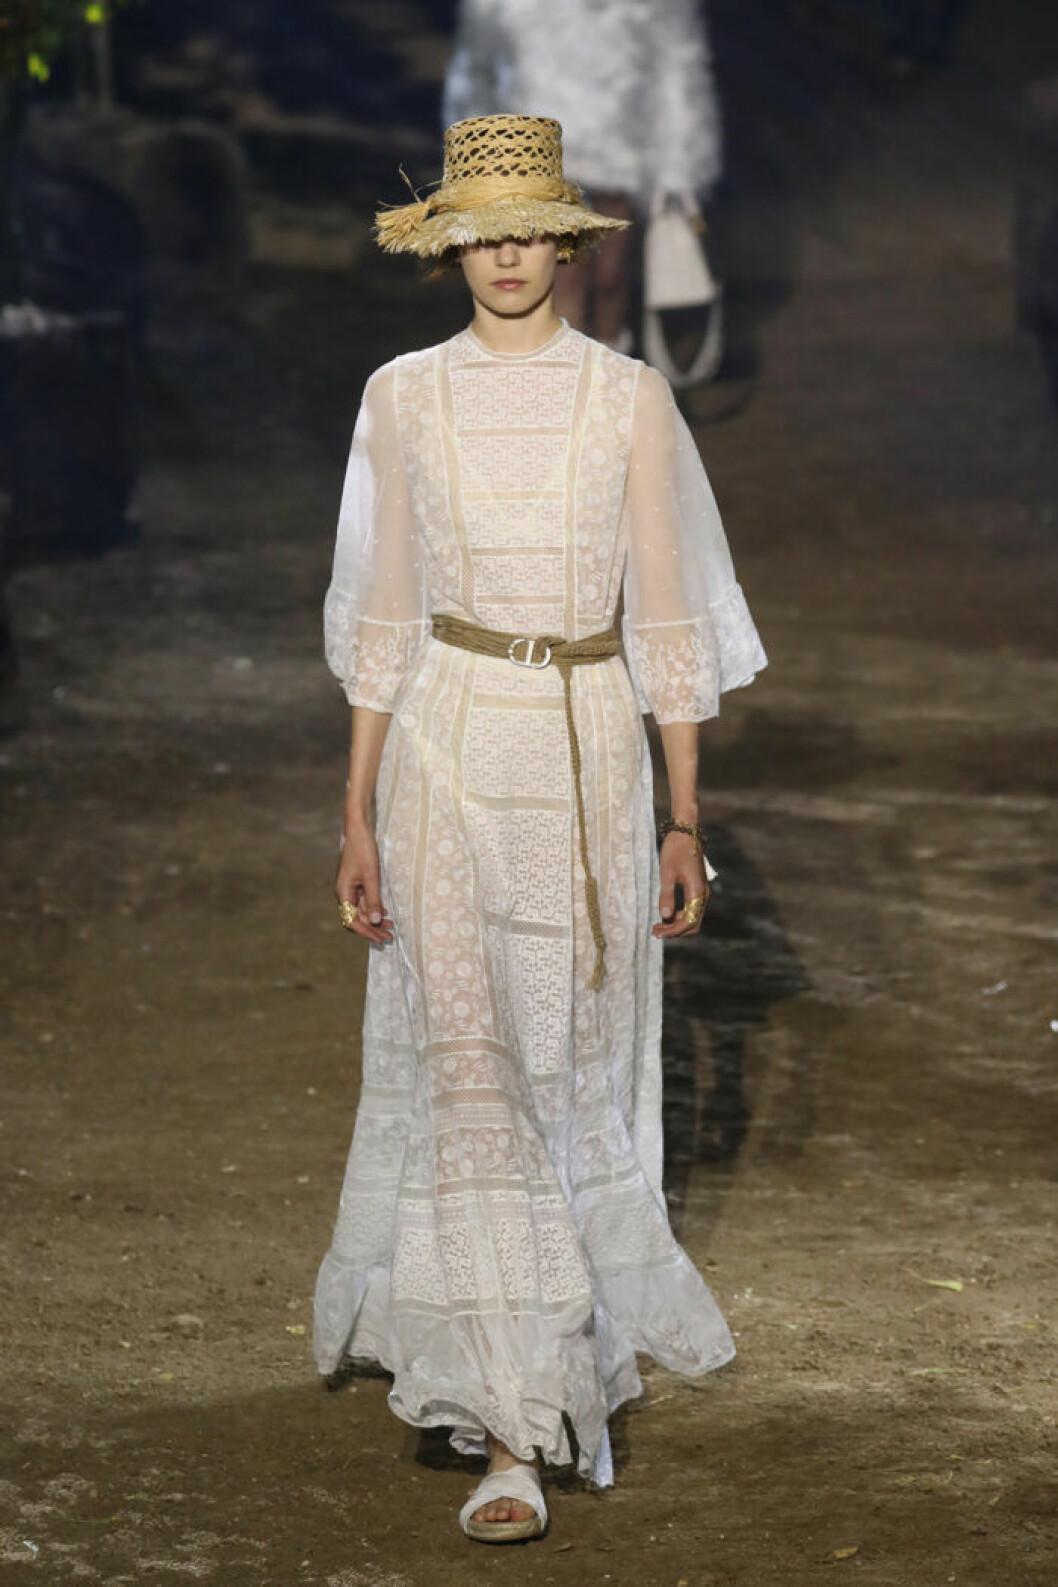 Trender våren 2020 Dior vit klänning